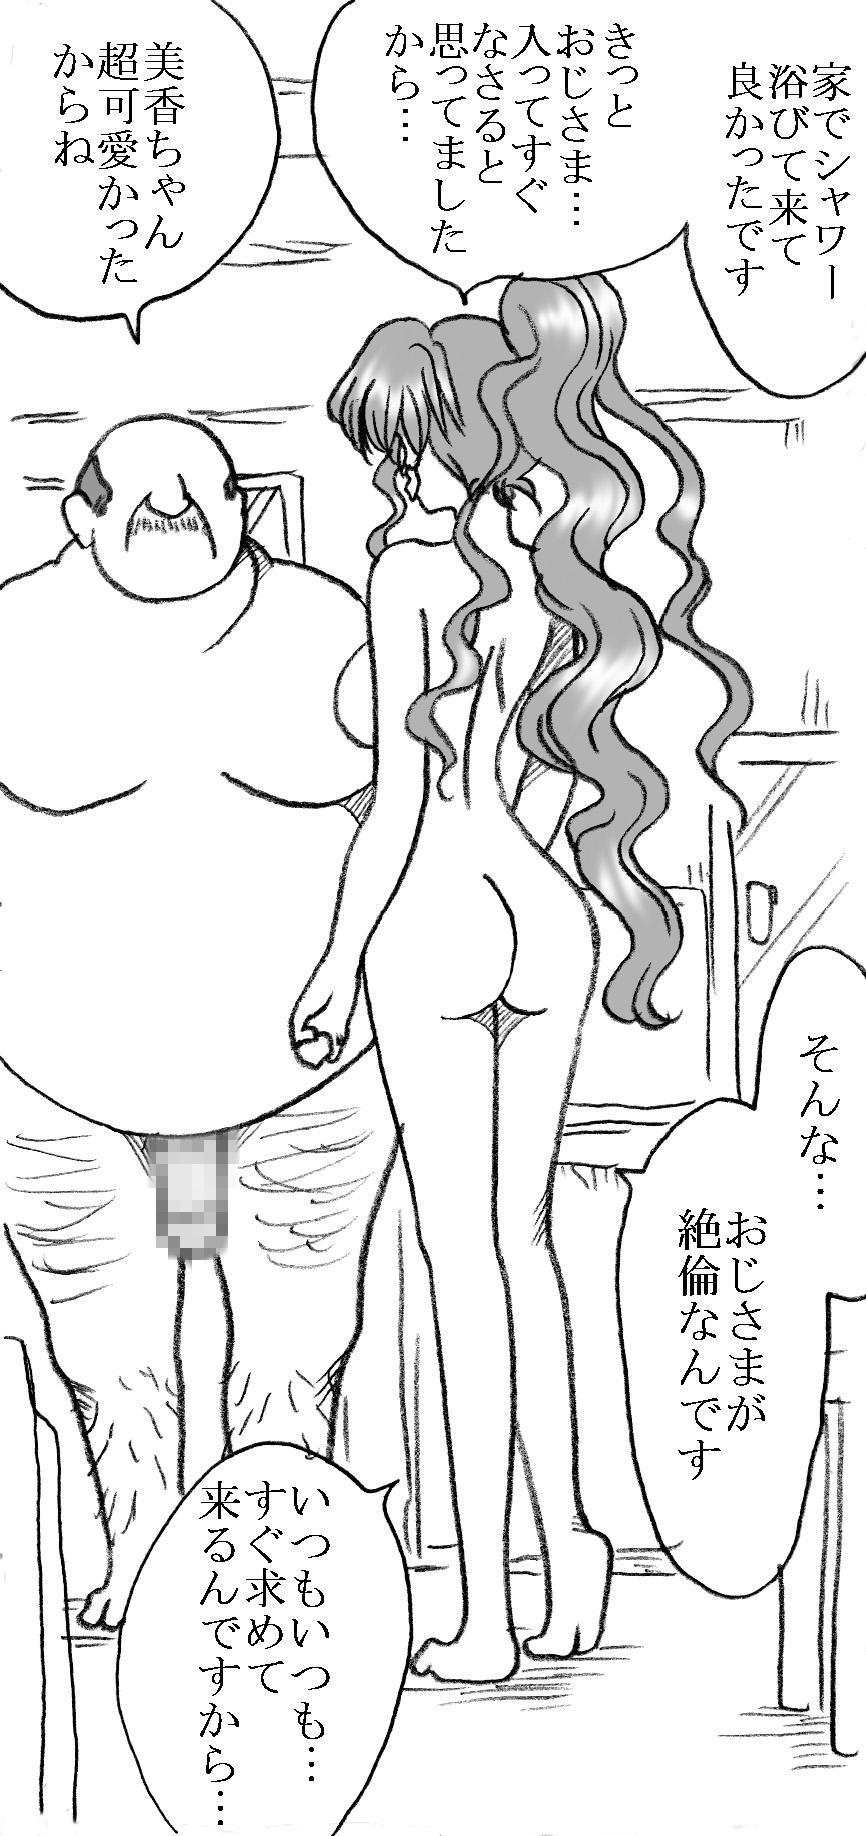 Mika-chan, Chichioya yori mo Toshiue no Ojisama to Ecchi sono 4 15